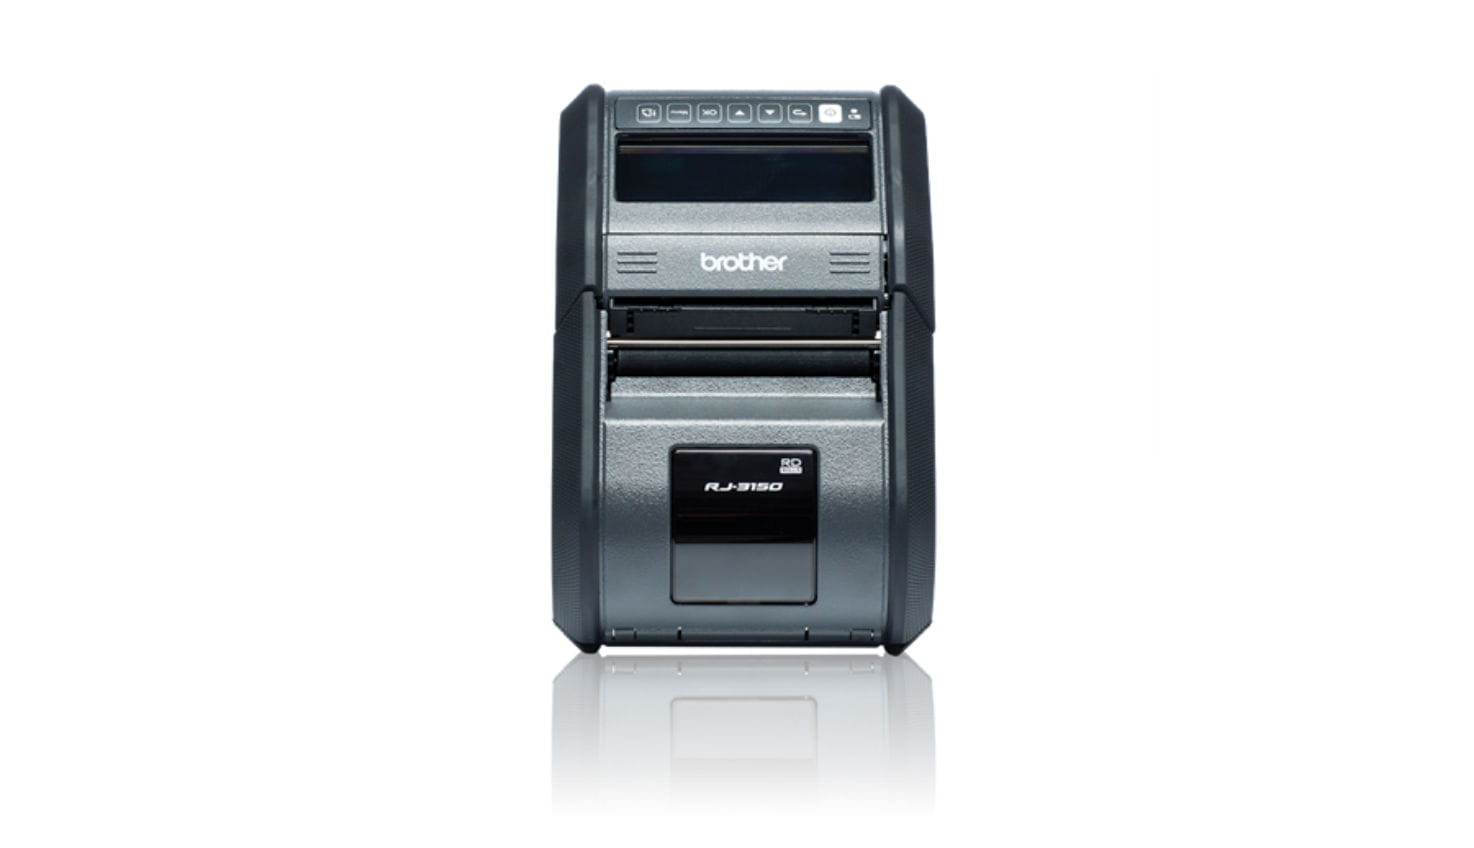 Impresora portátil RJ-3150 Brother